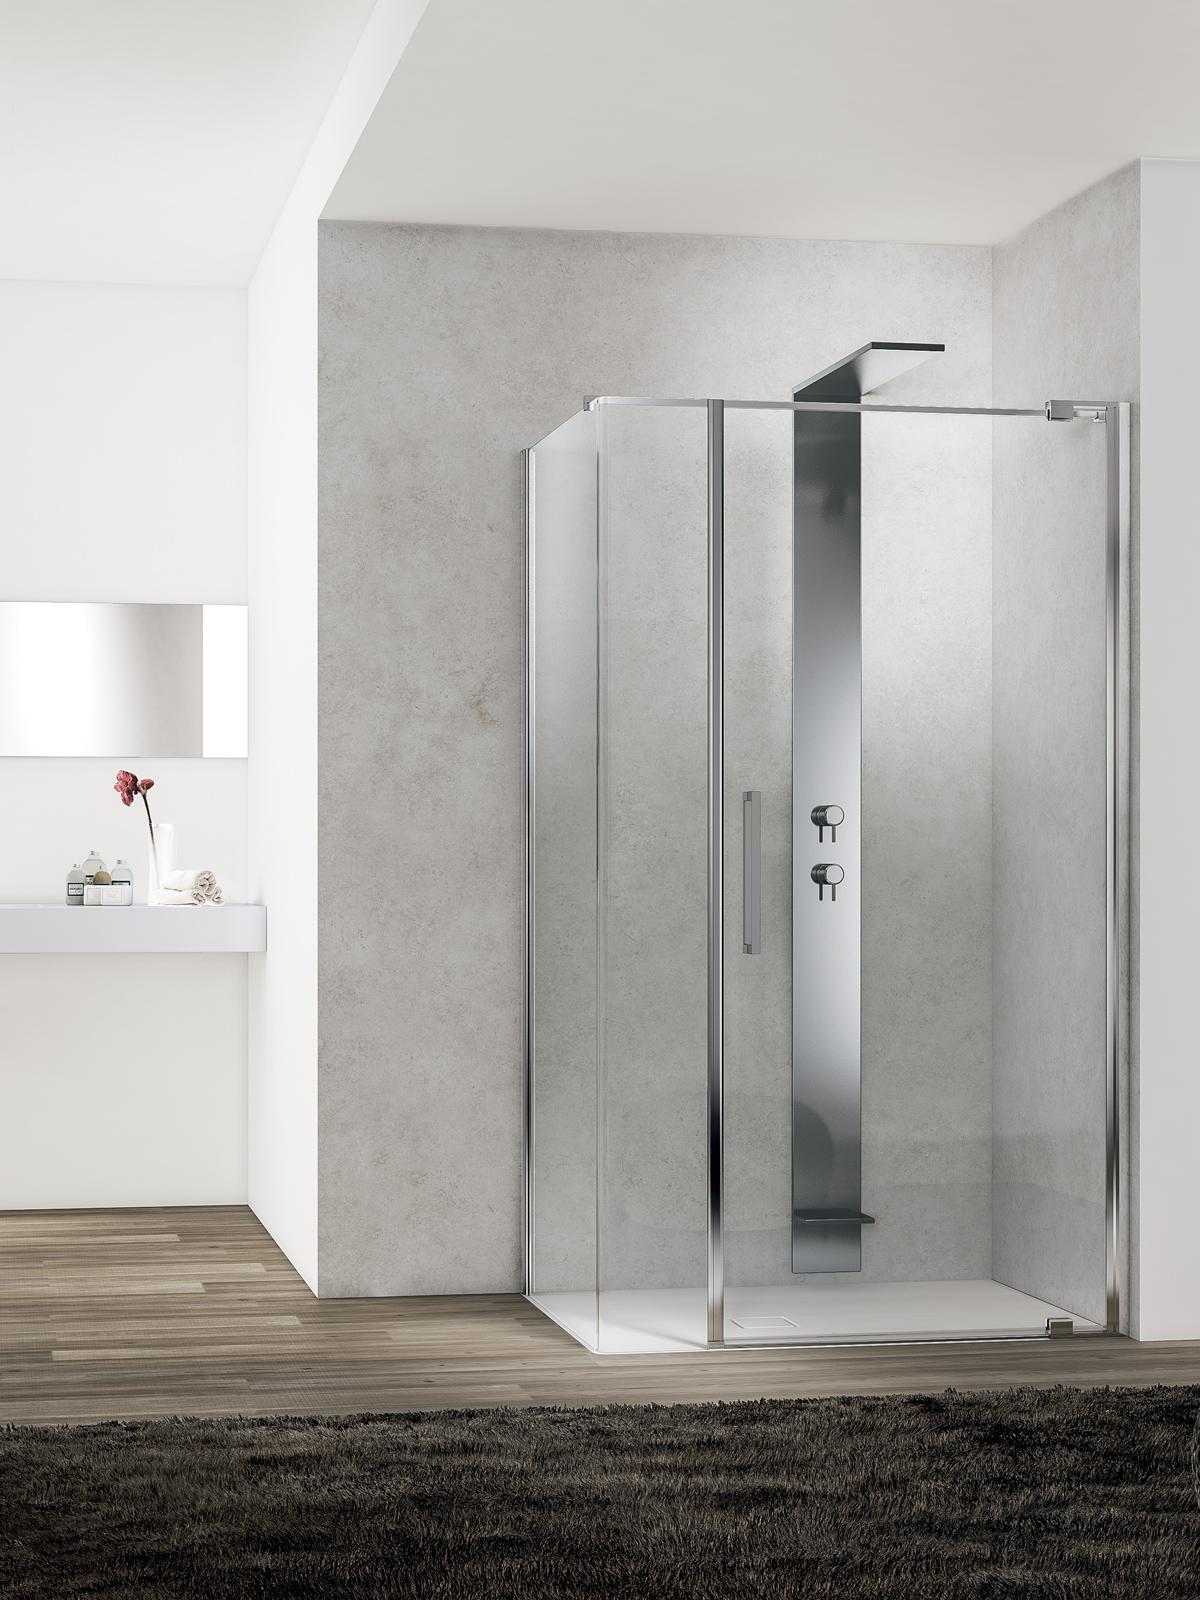 Come scegliere il box doccia ideale - Ideagroup Blog